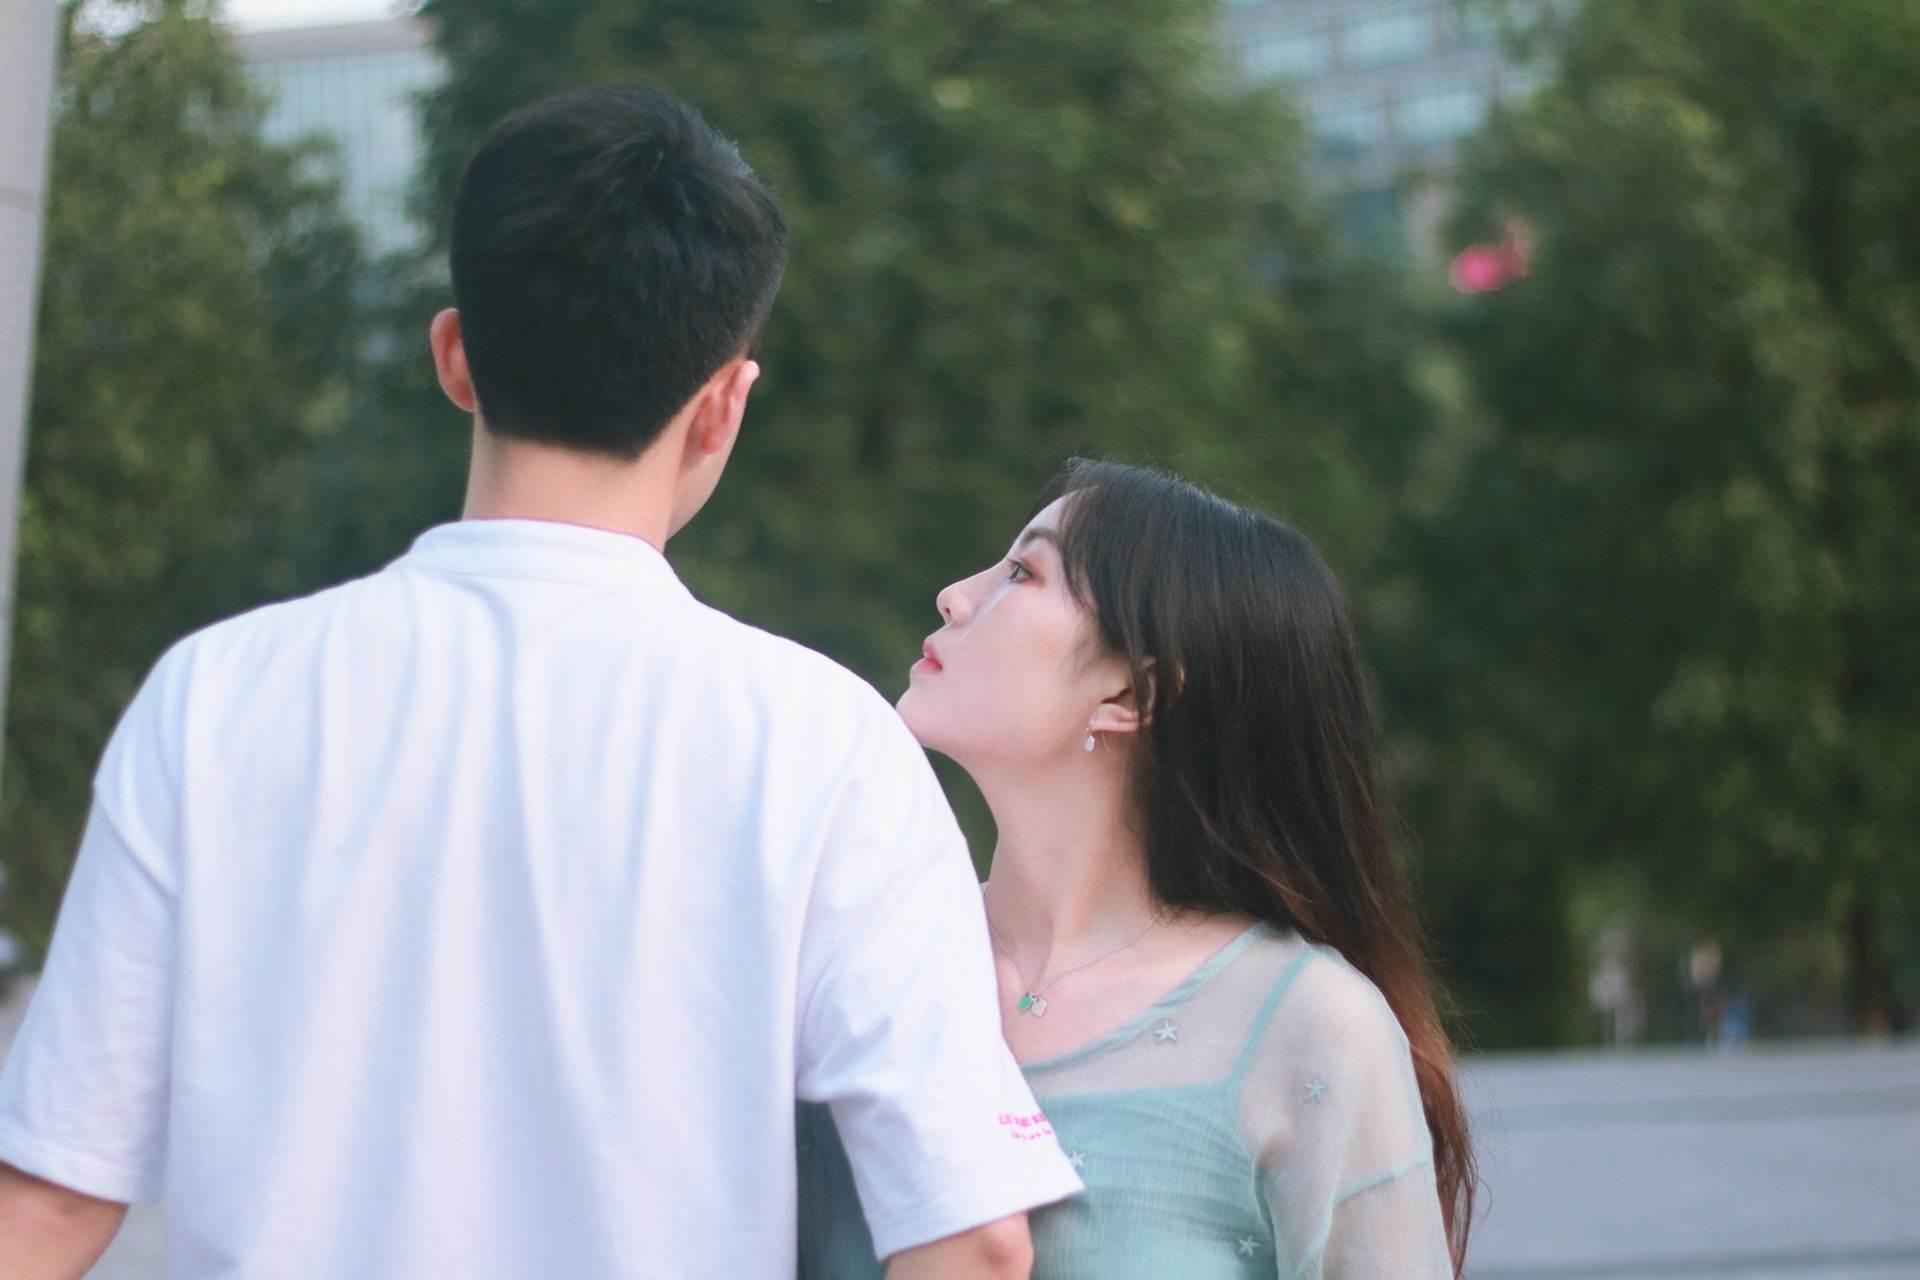 找女朋友复合该怎么说 分手了想复合怎么说